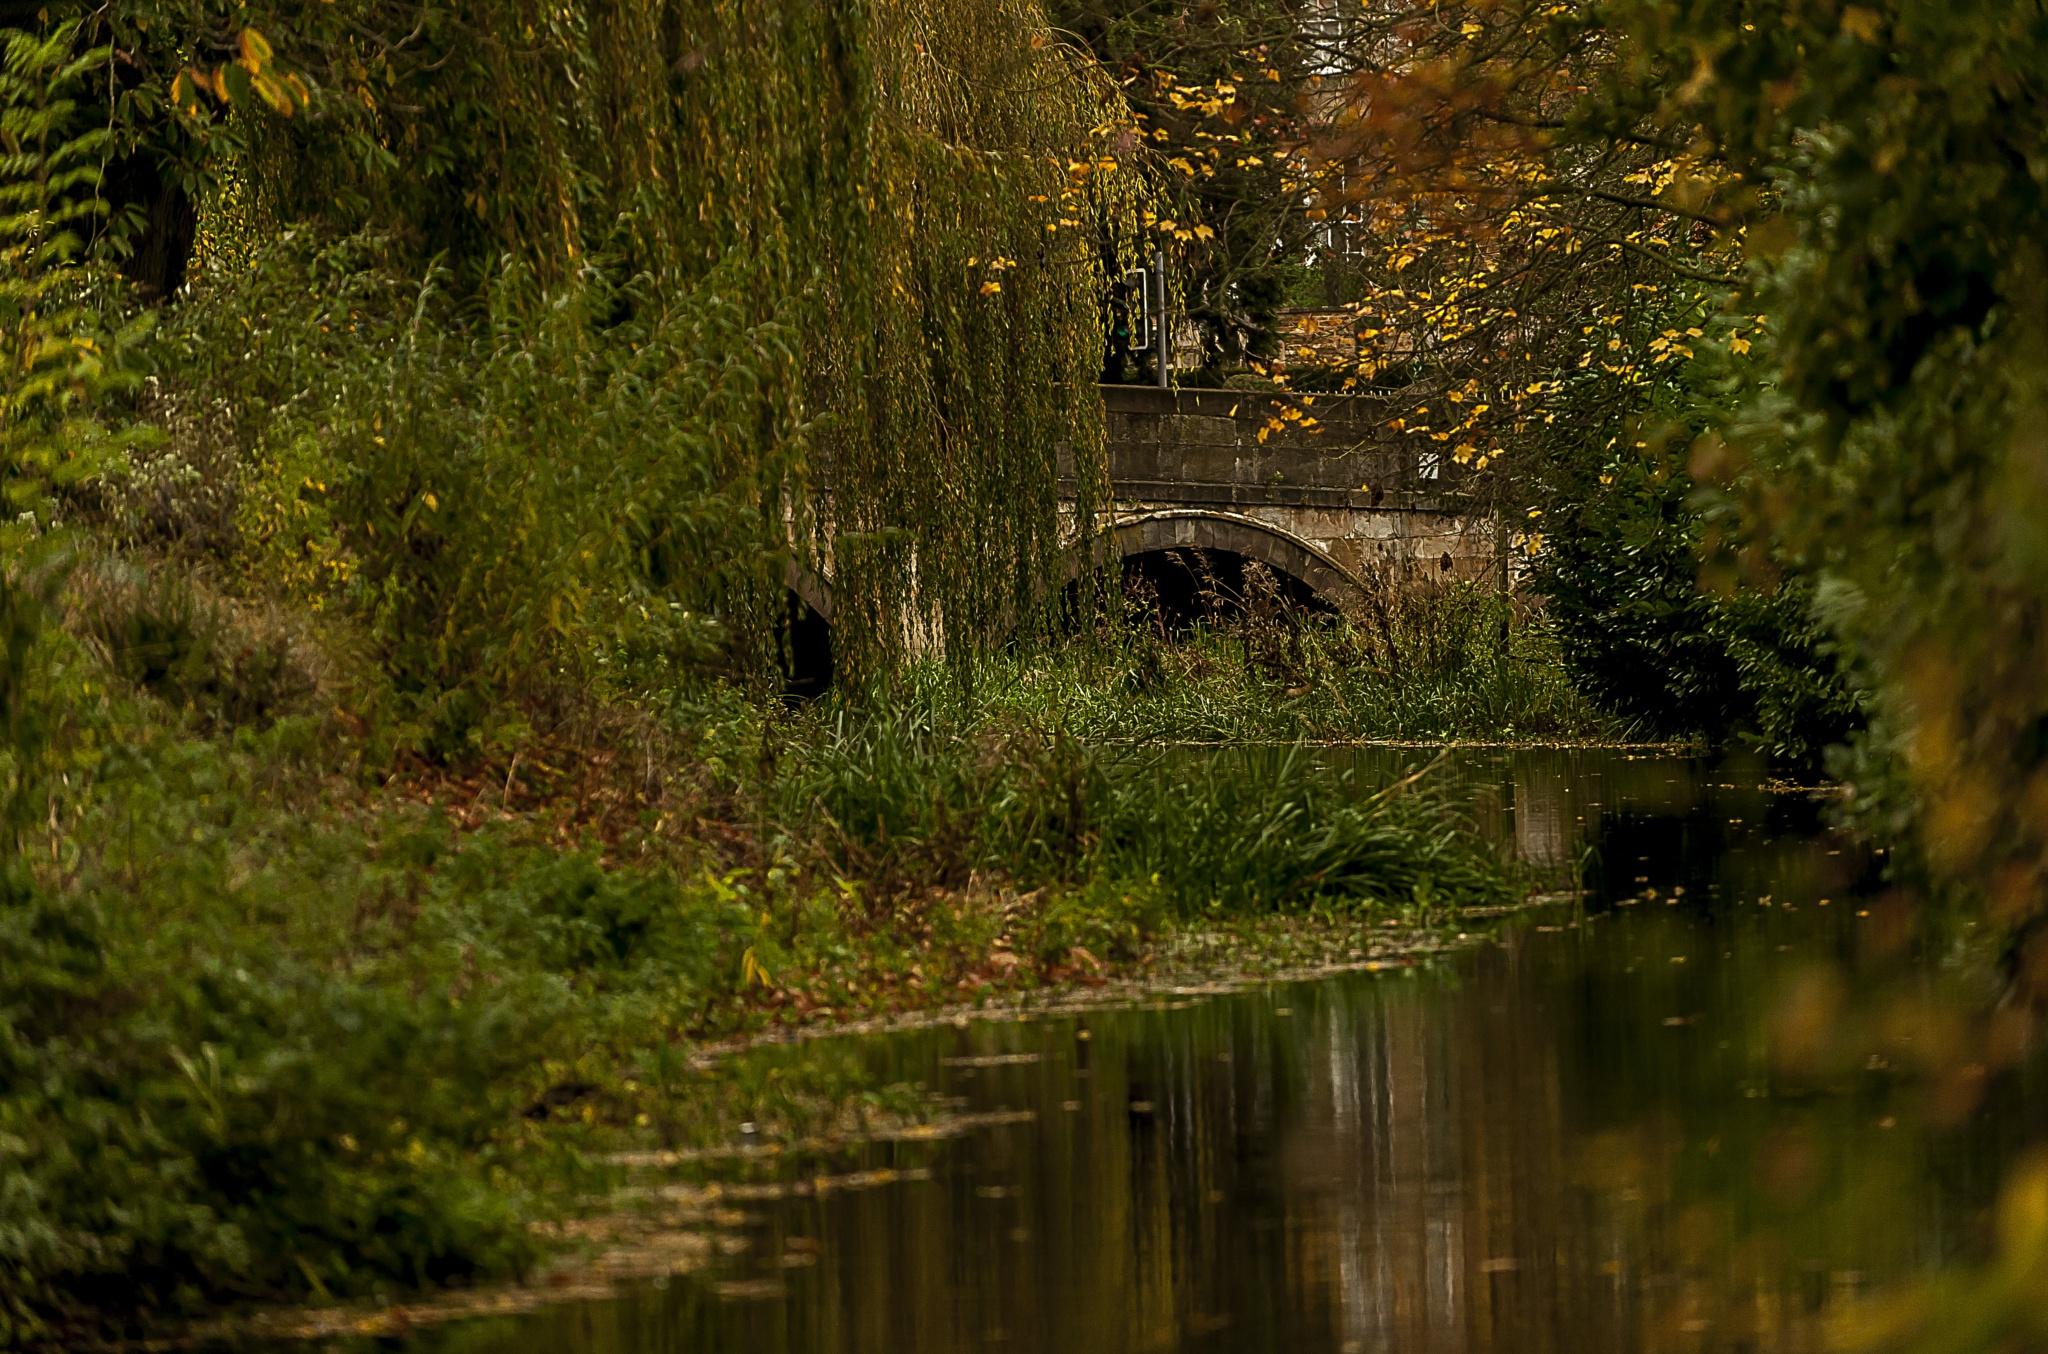 Artumn River by Pete Feeny